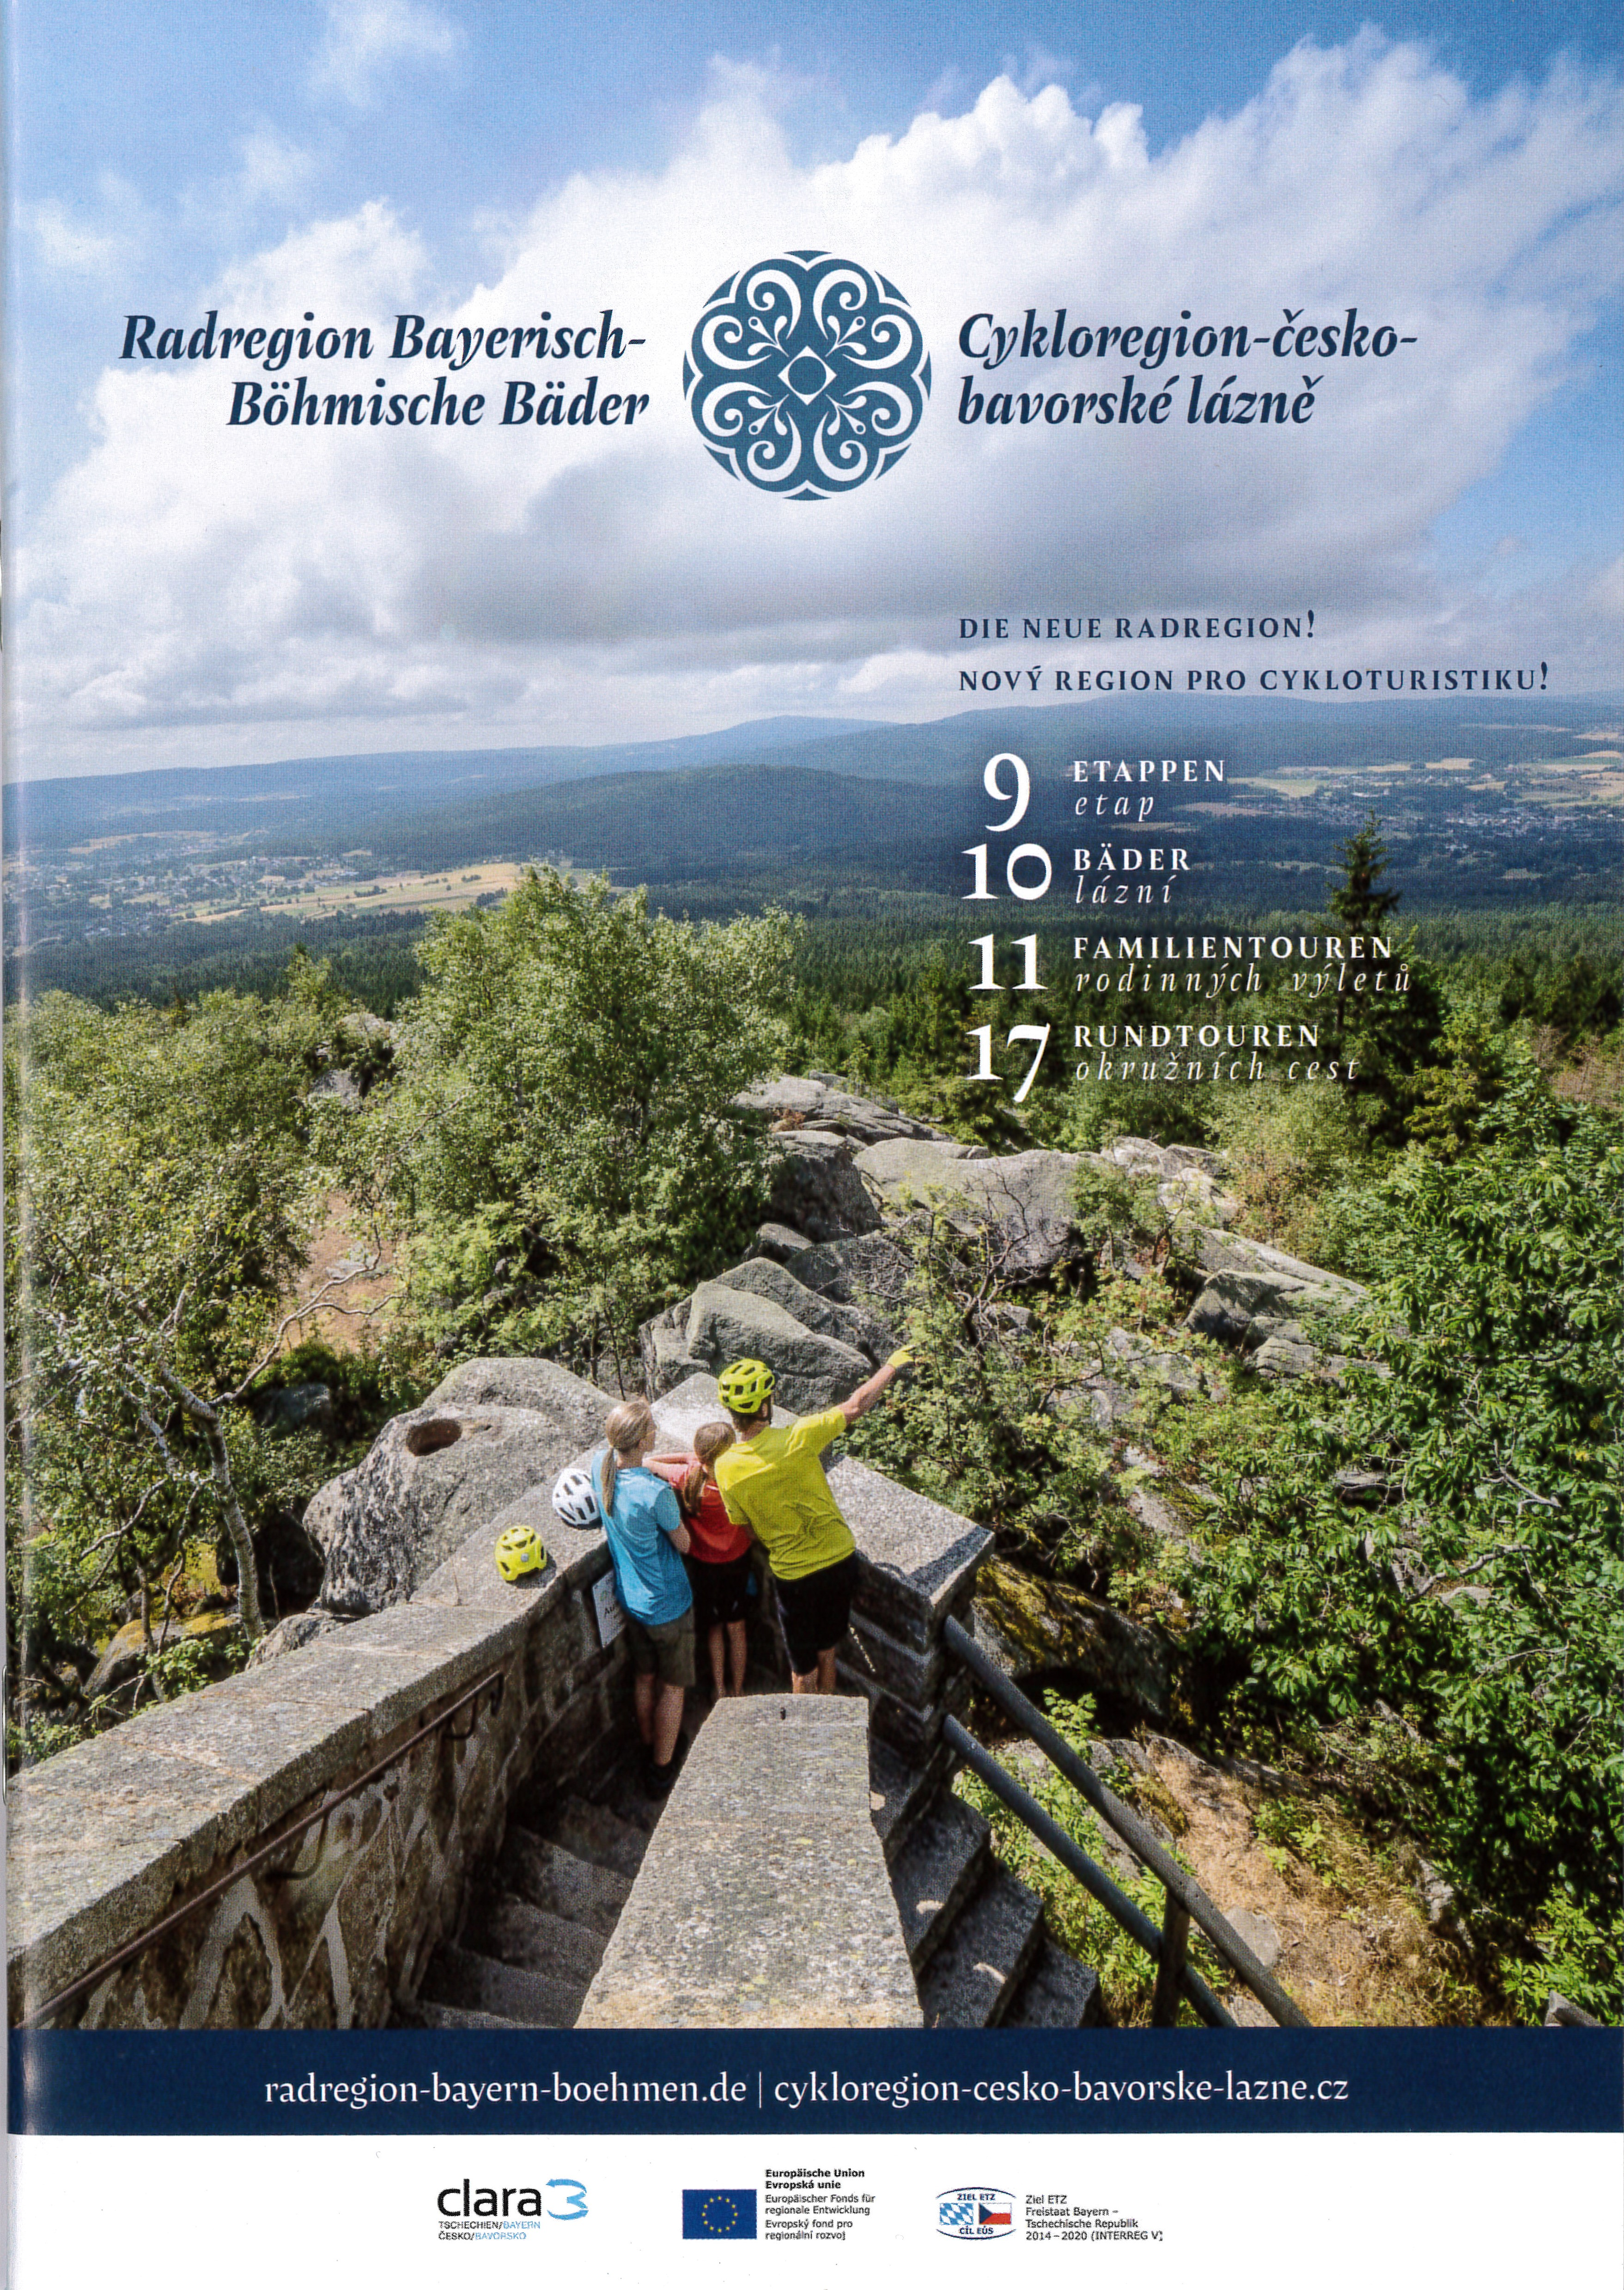 Bayerisch - Böhmische Bäderradtouren